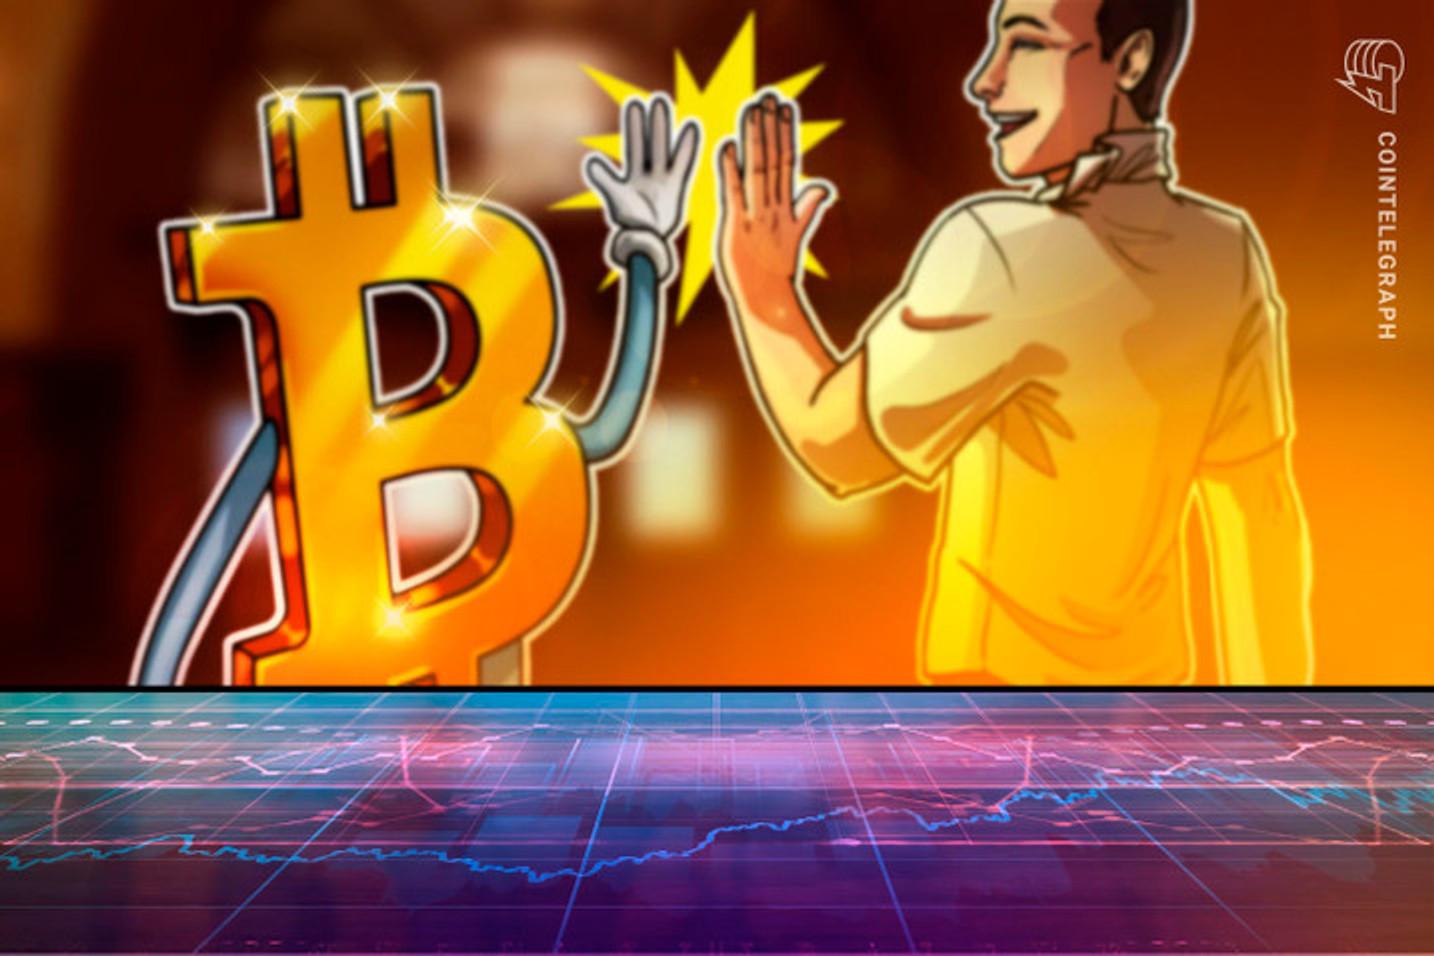 Não se assuste, uma 'quedinha' de R$ 90 mil é coisa pouca para o Bitcoin, diz famoso trader